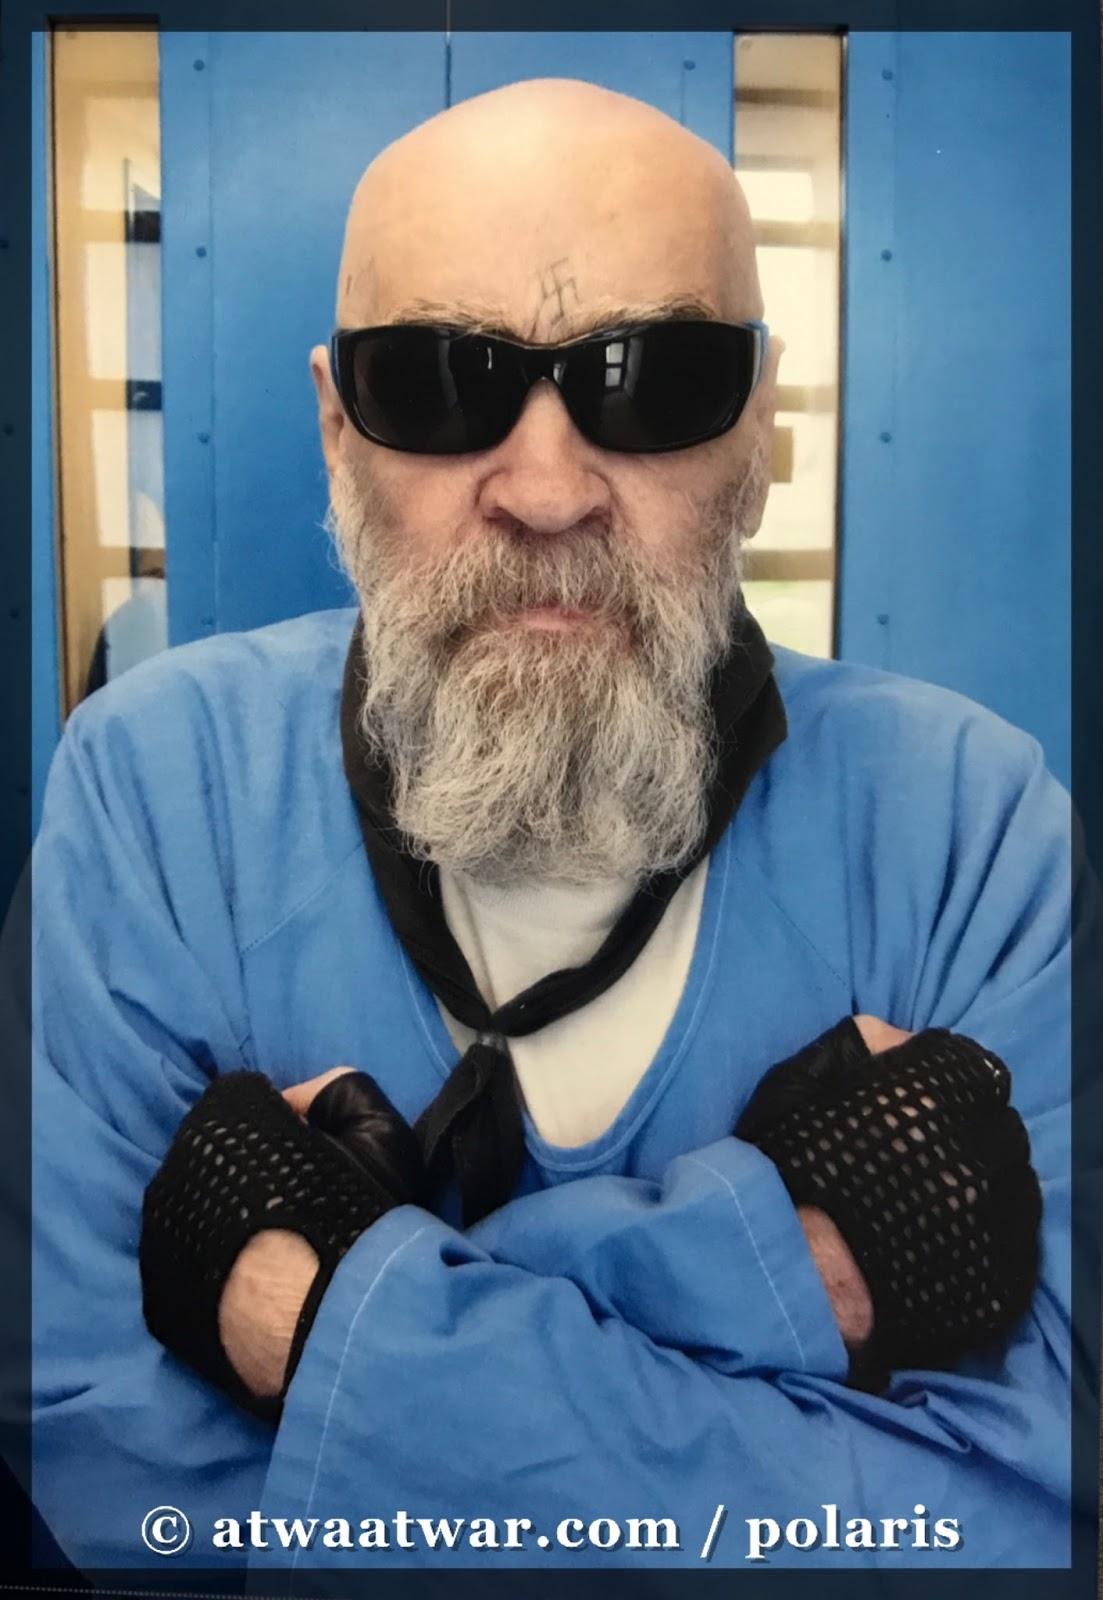 Manson Interviews Raw!: My Charles Manson Prison Interviews